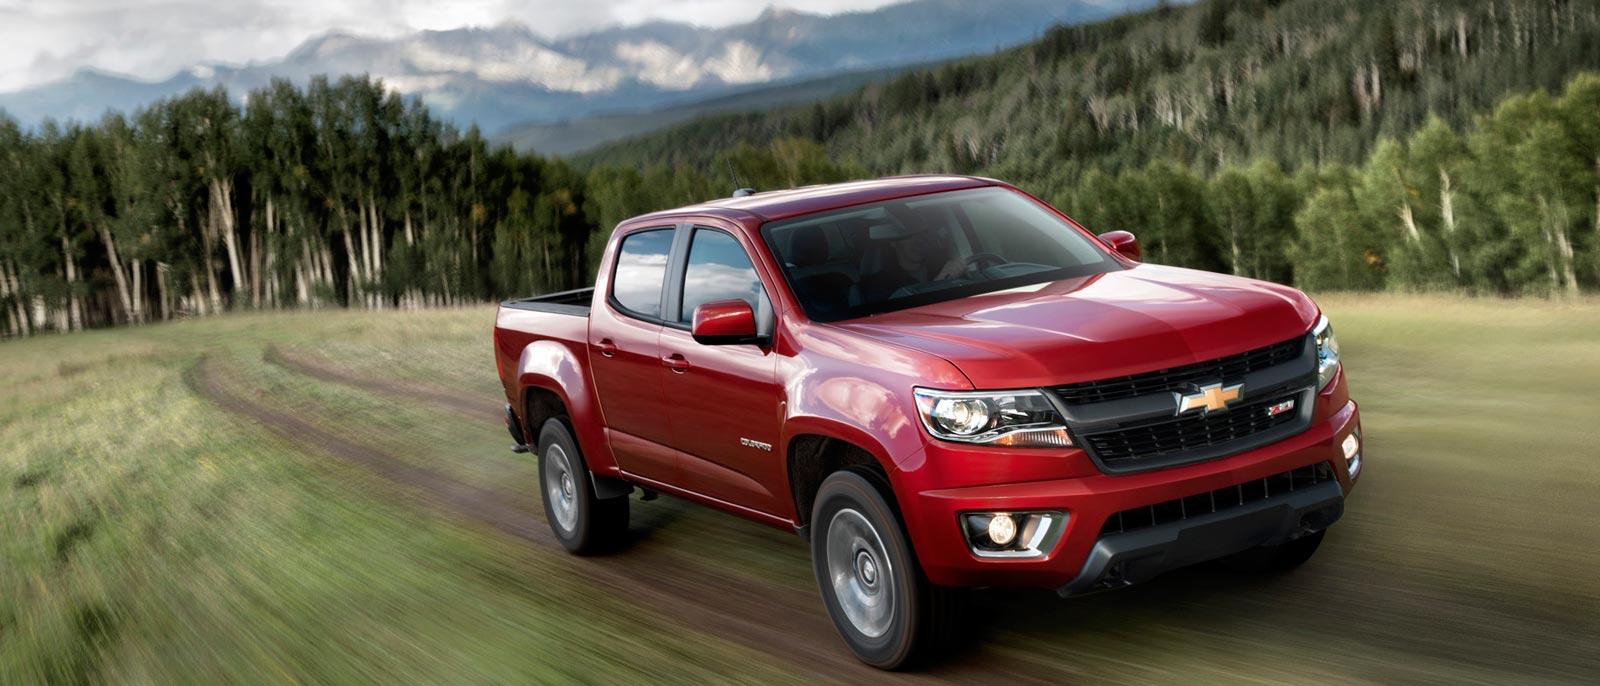 2016 Chevrolet Colorado in red